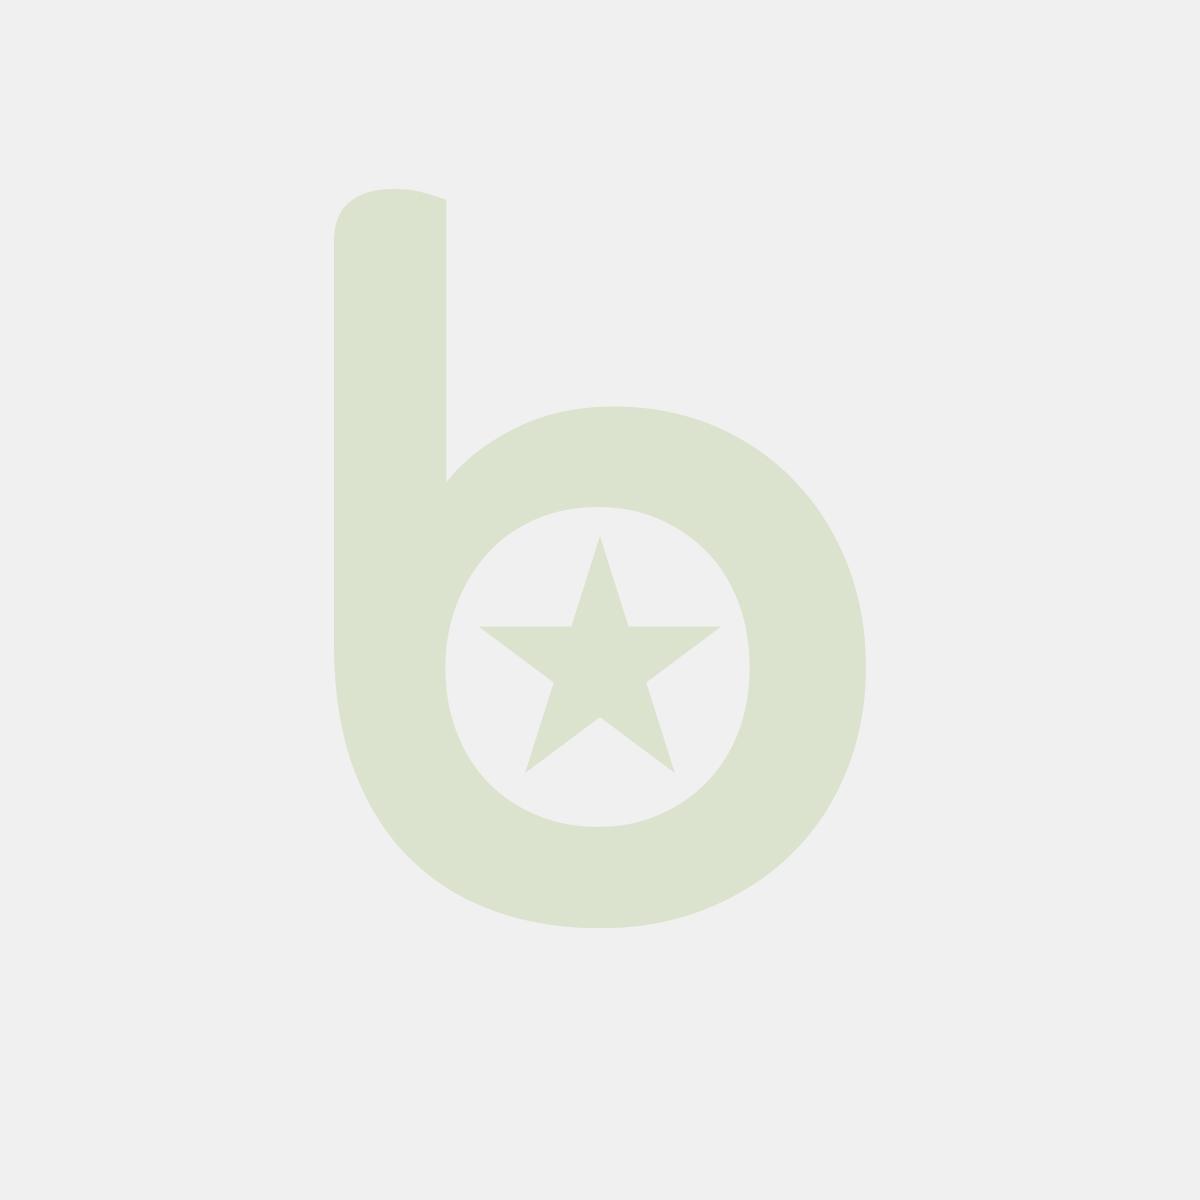 Talerz Biotrem 28cm z otrąb pszennych, cena za op.25szt.